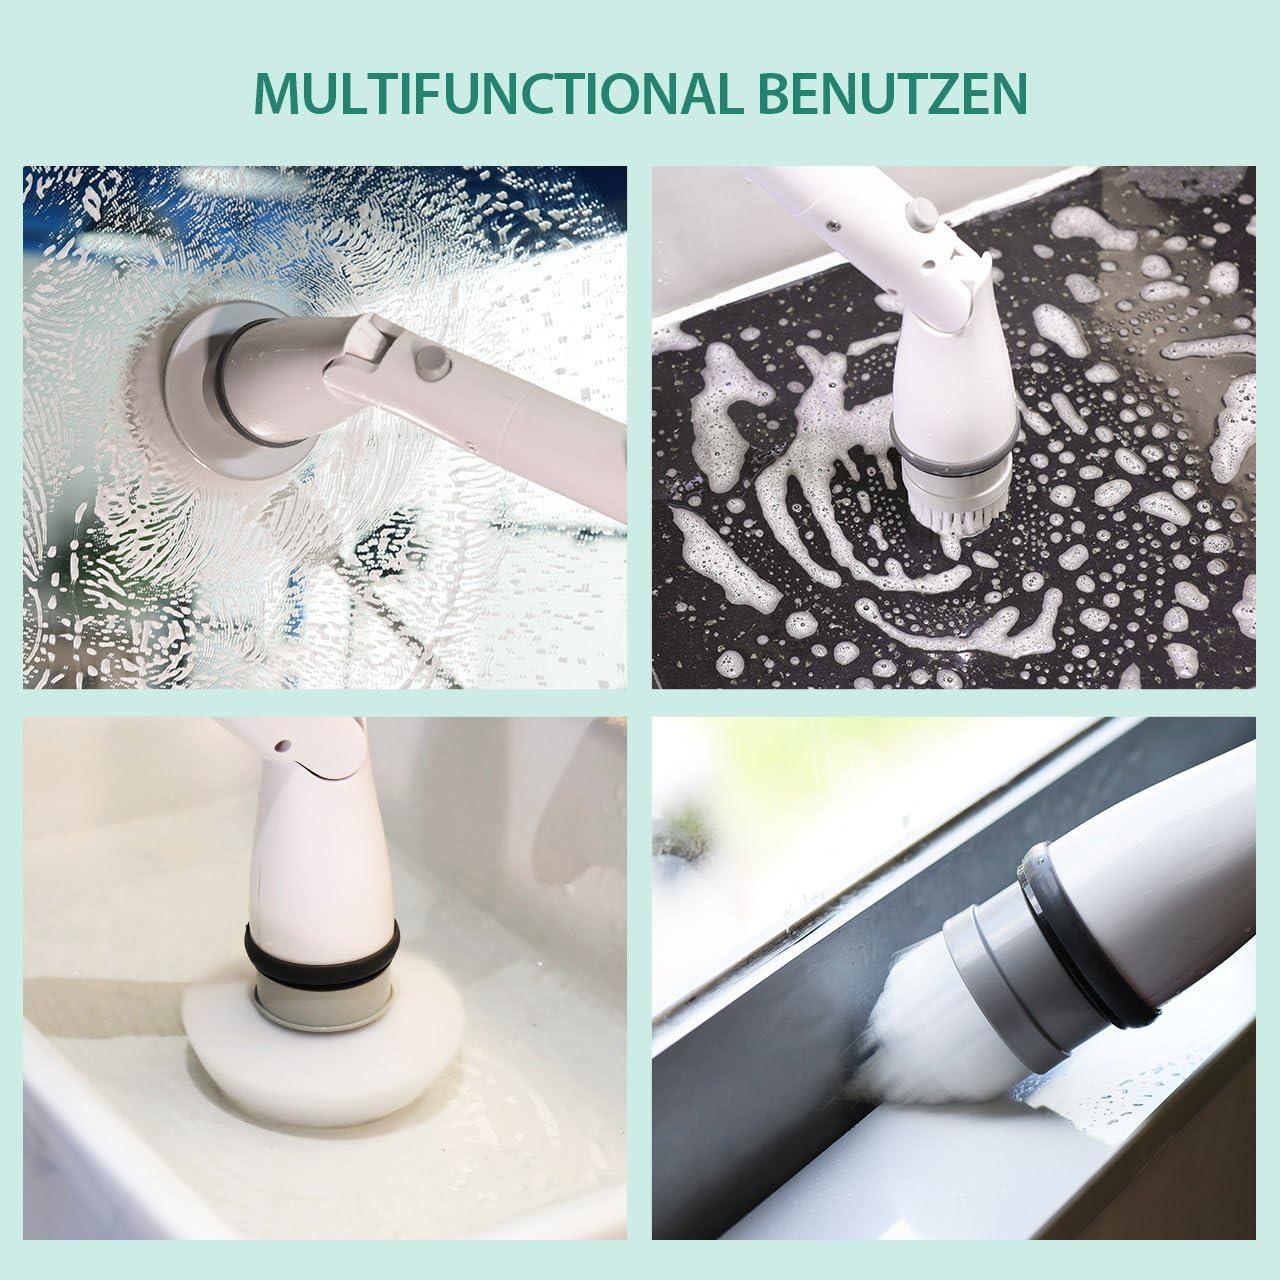 Badzimmer Toilette Fugenb/ürste elektrisch f/ür Ecken elektrische Reinigungsb/ürste schnurlos Homitt Spin Scrubber klassisch 1